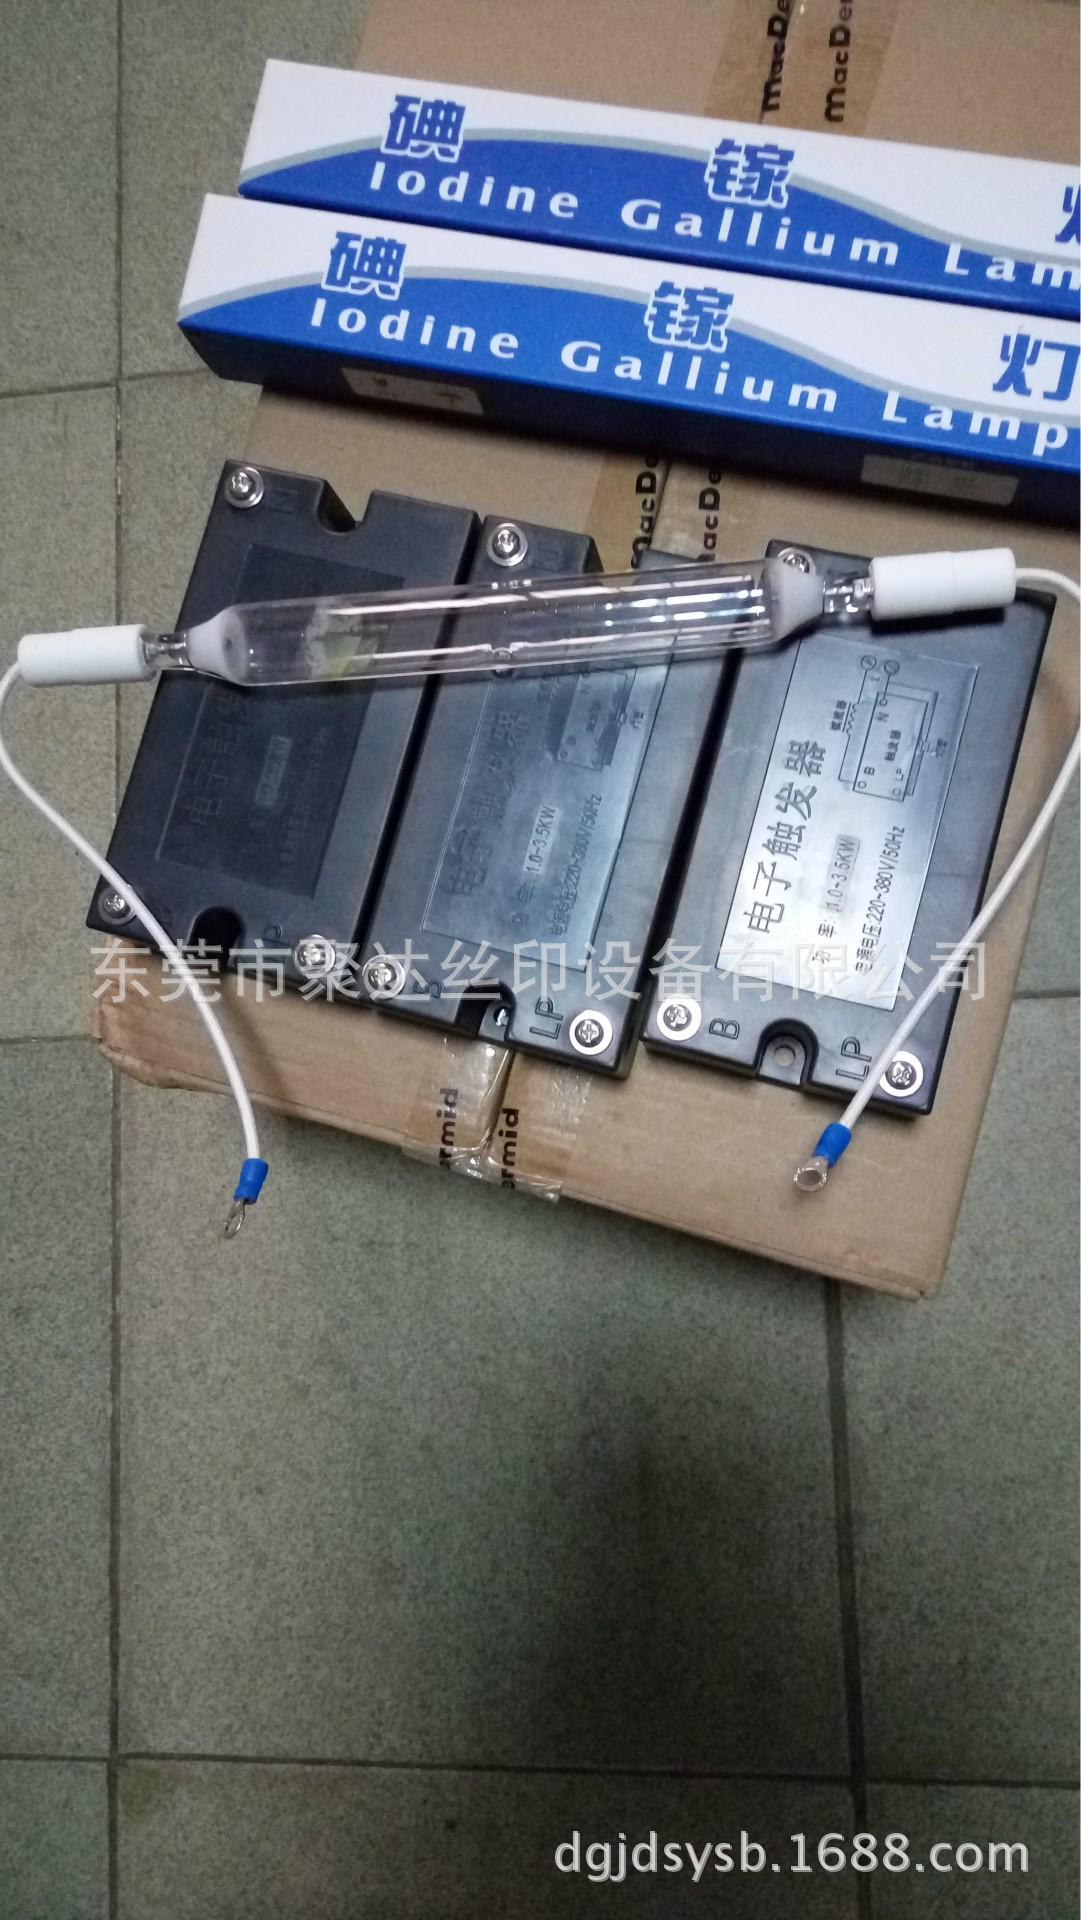 厂家直销触发器 NPU/耐普照明 RS触发器 MOS型触发器 主从触发器